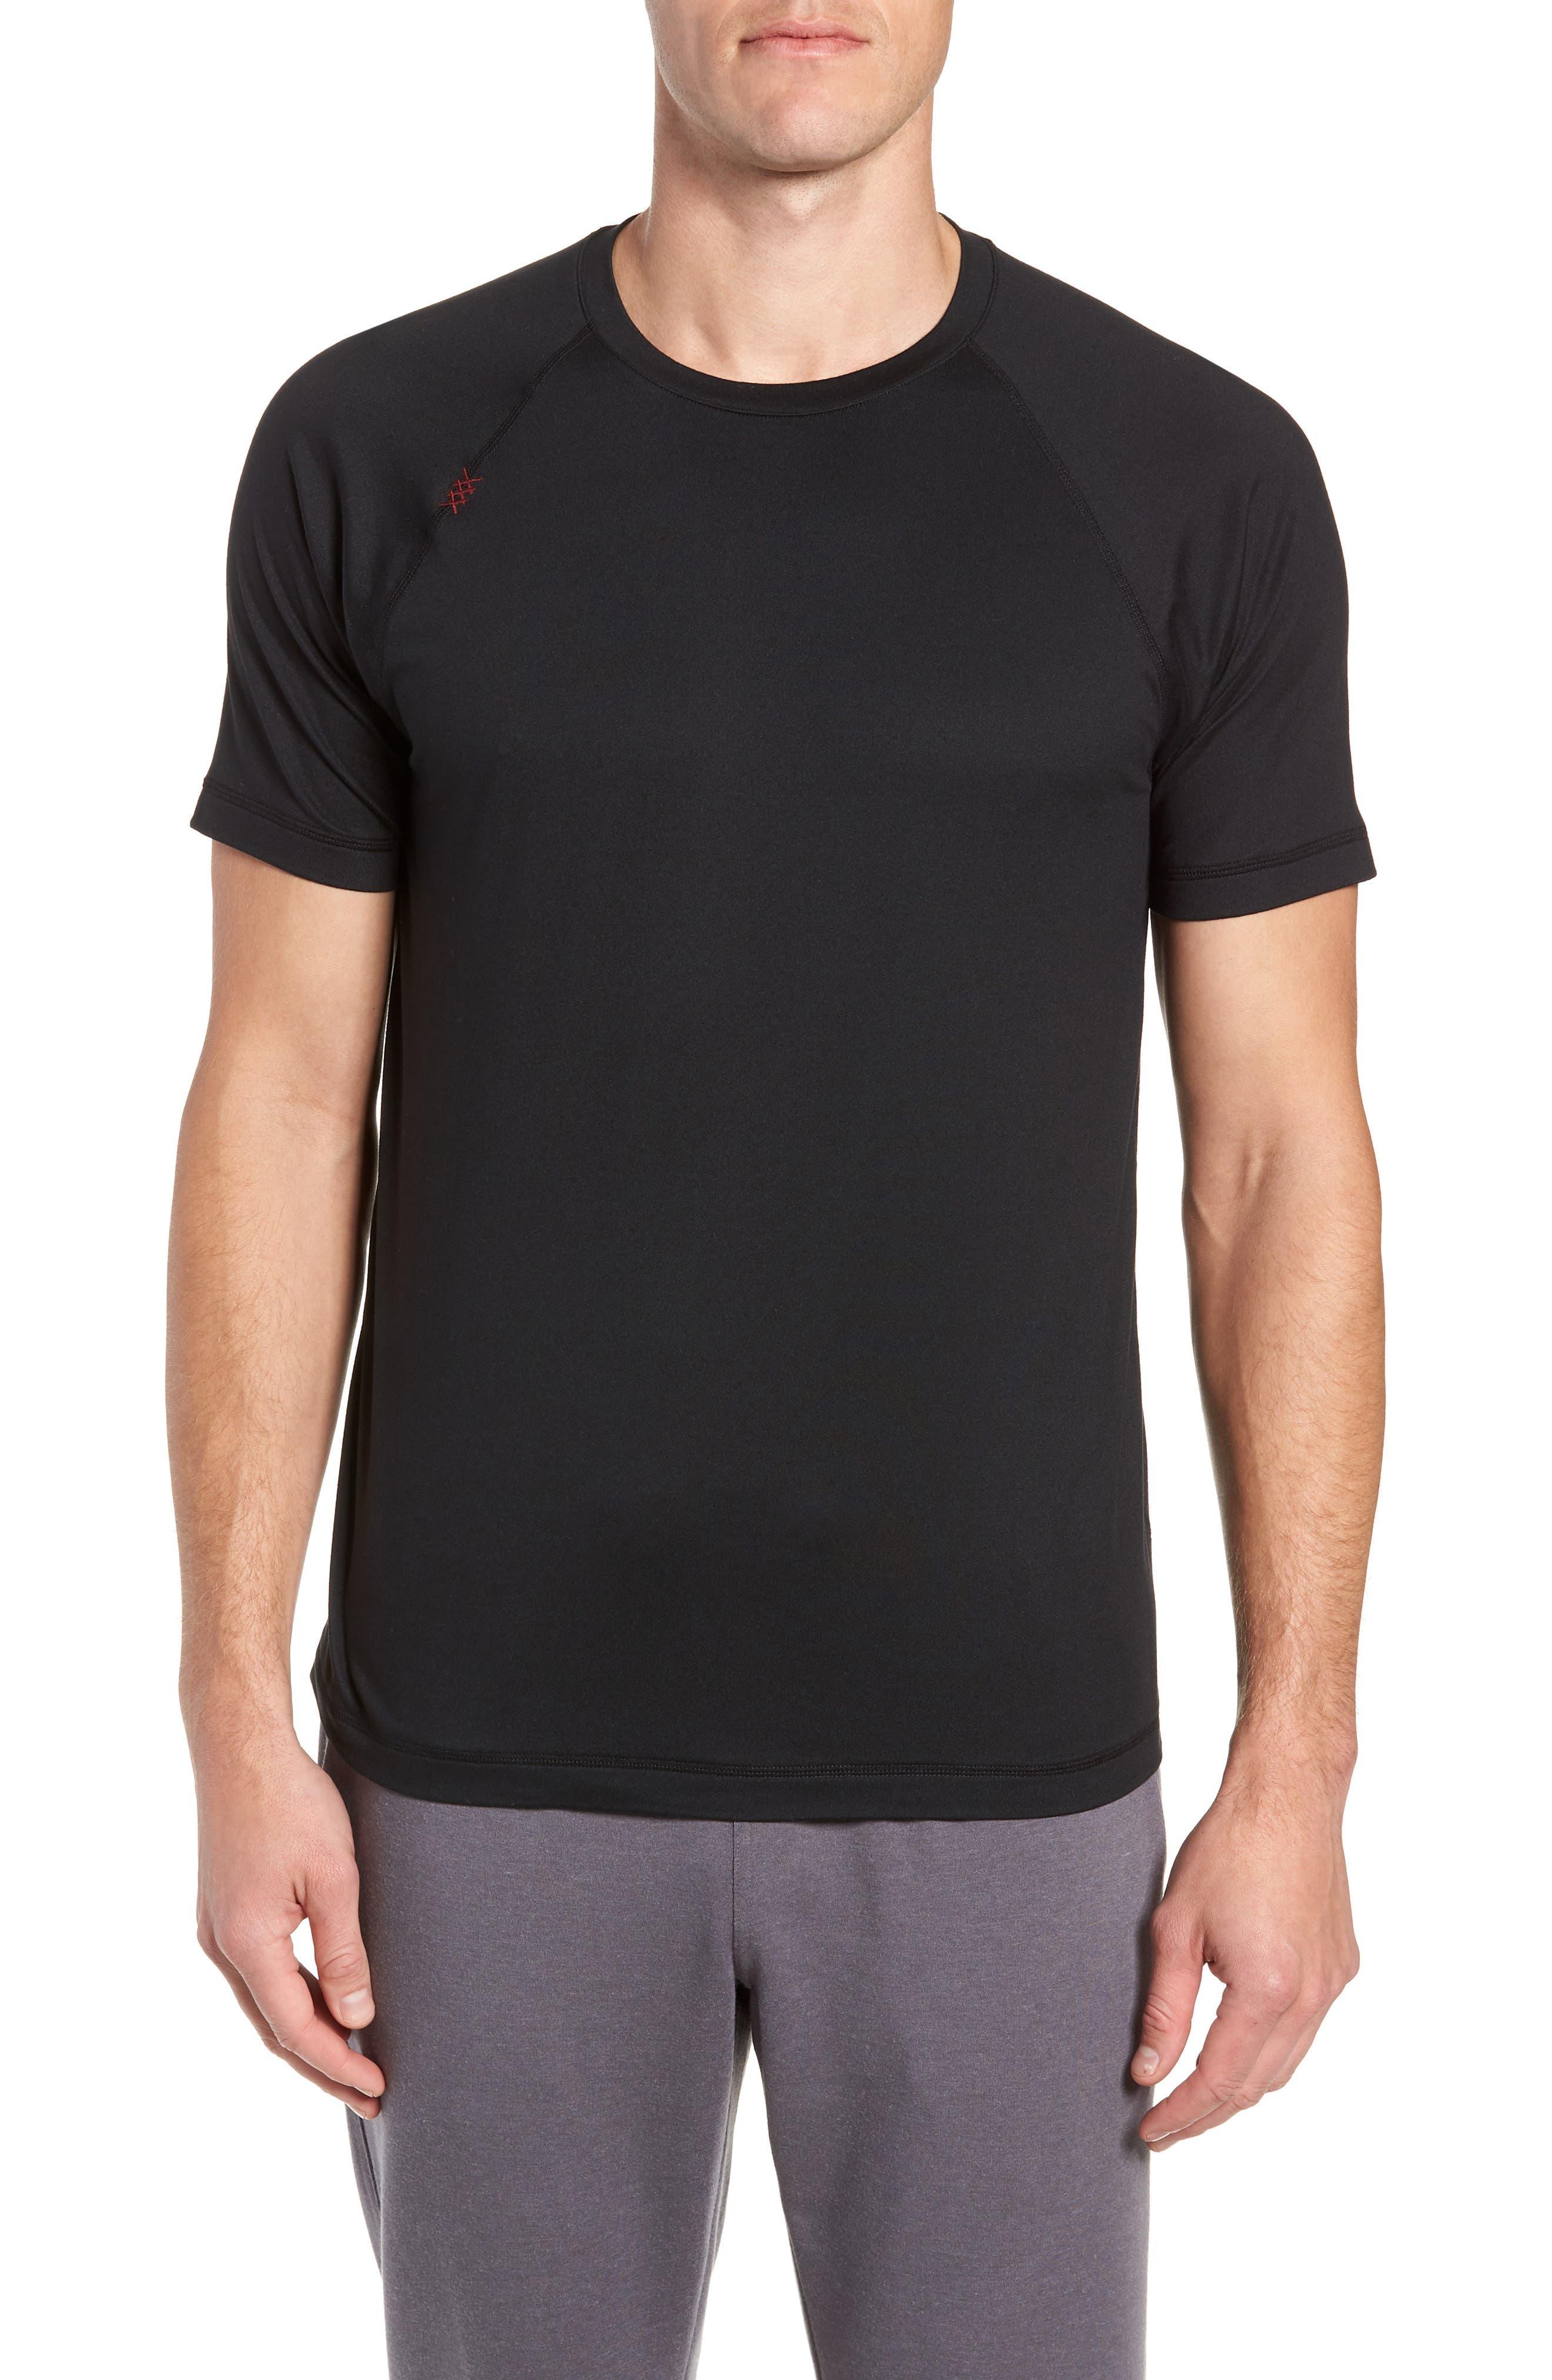 Reign Performance T-Shirt,                         Main,                         color, BLACK